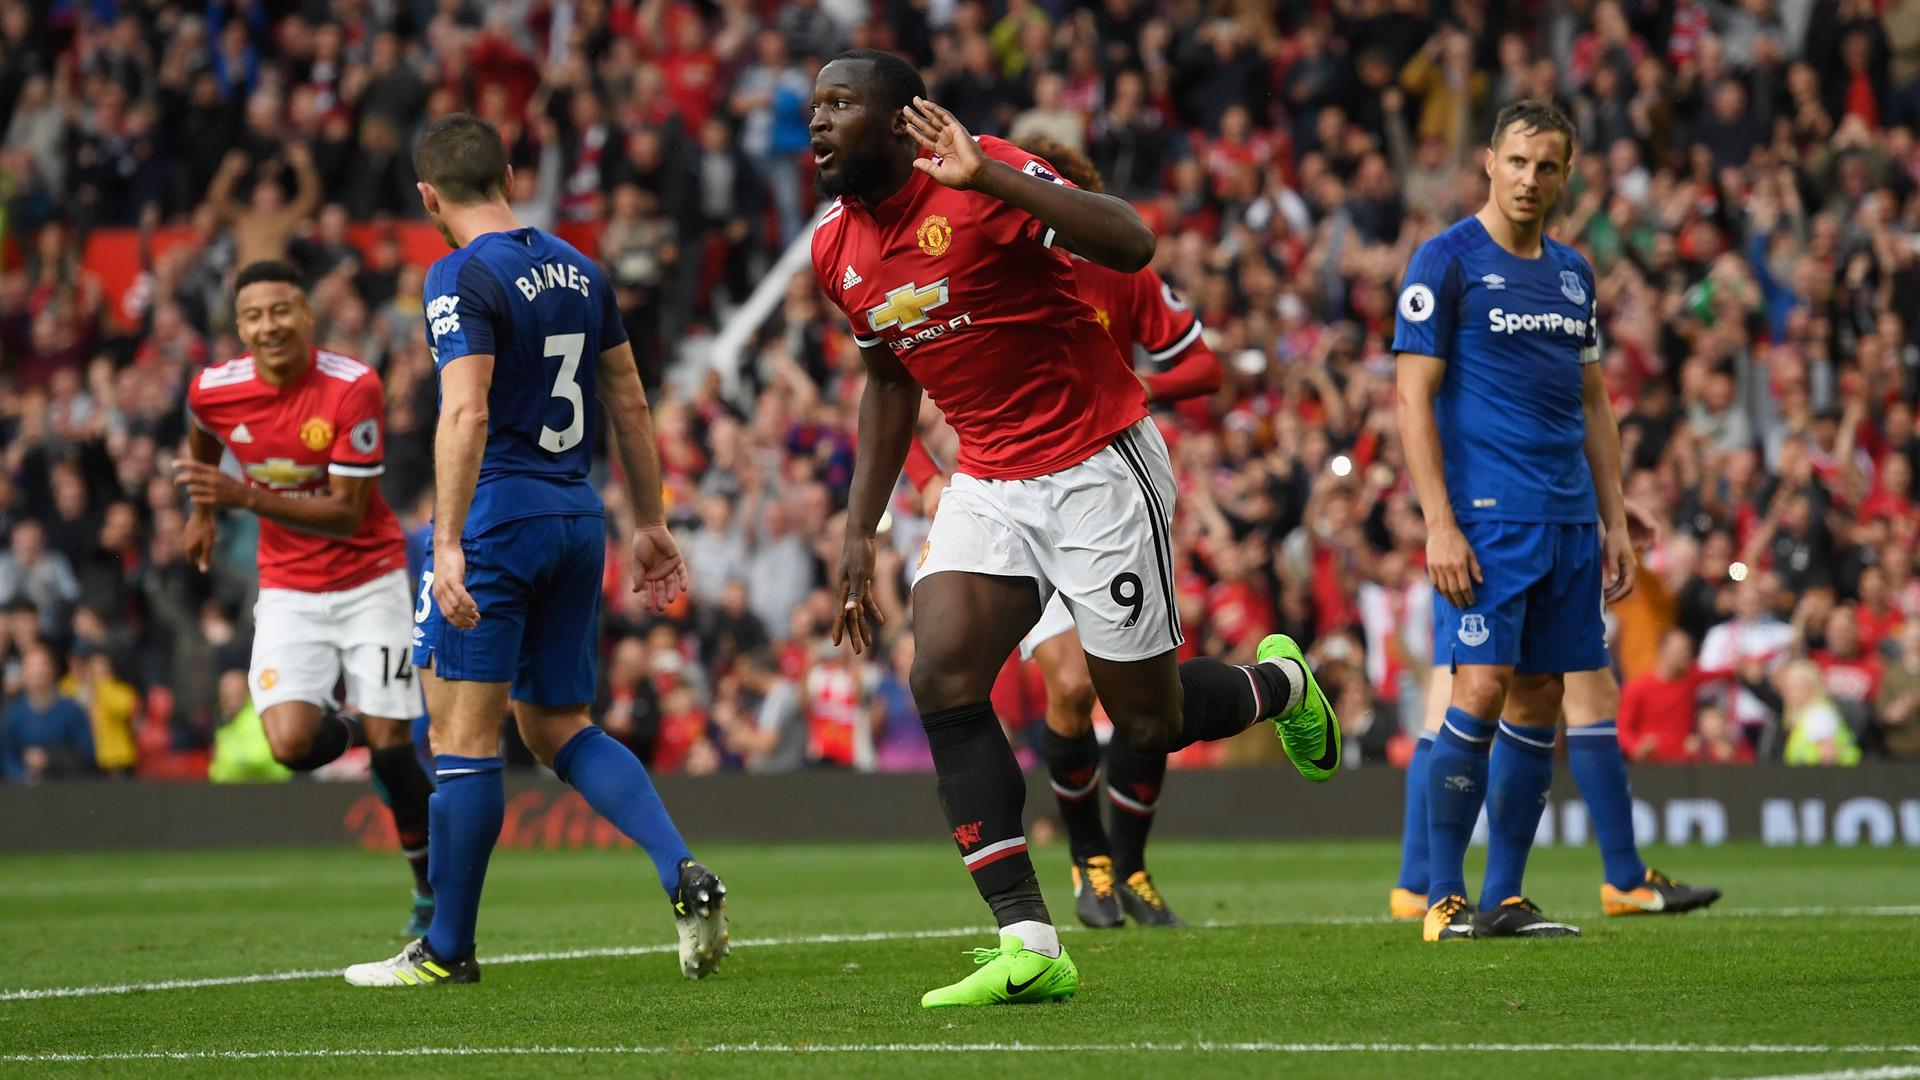 Sánh ngang Andy Cole, Lukaku xuất sắc nhất Man Utd 16 năm qua – Arsenal Info